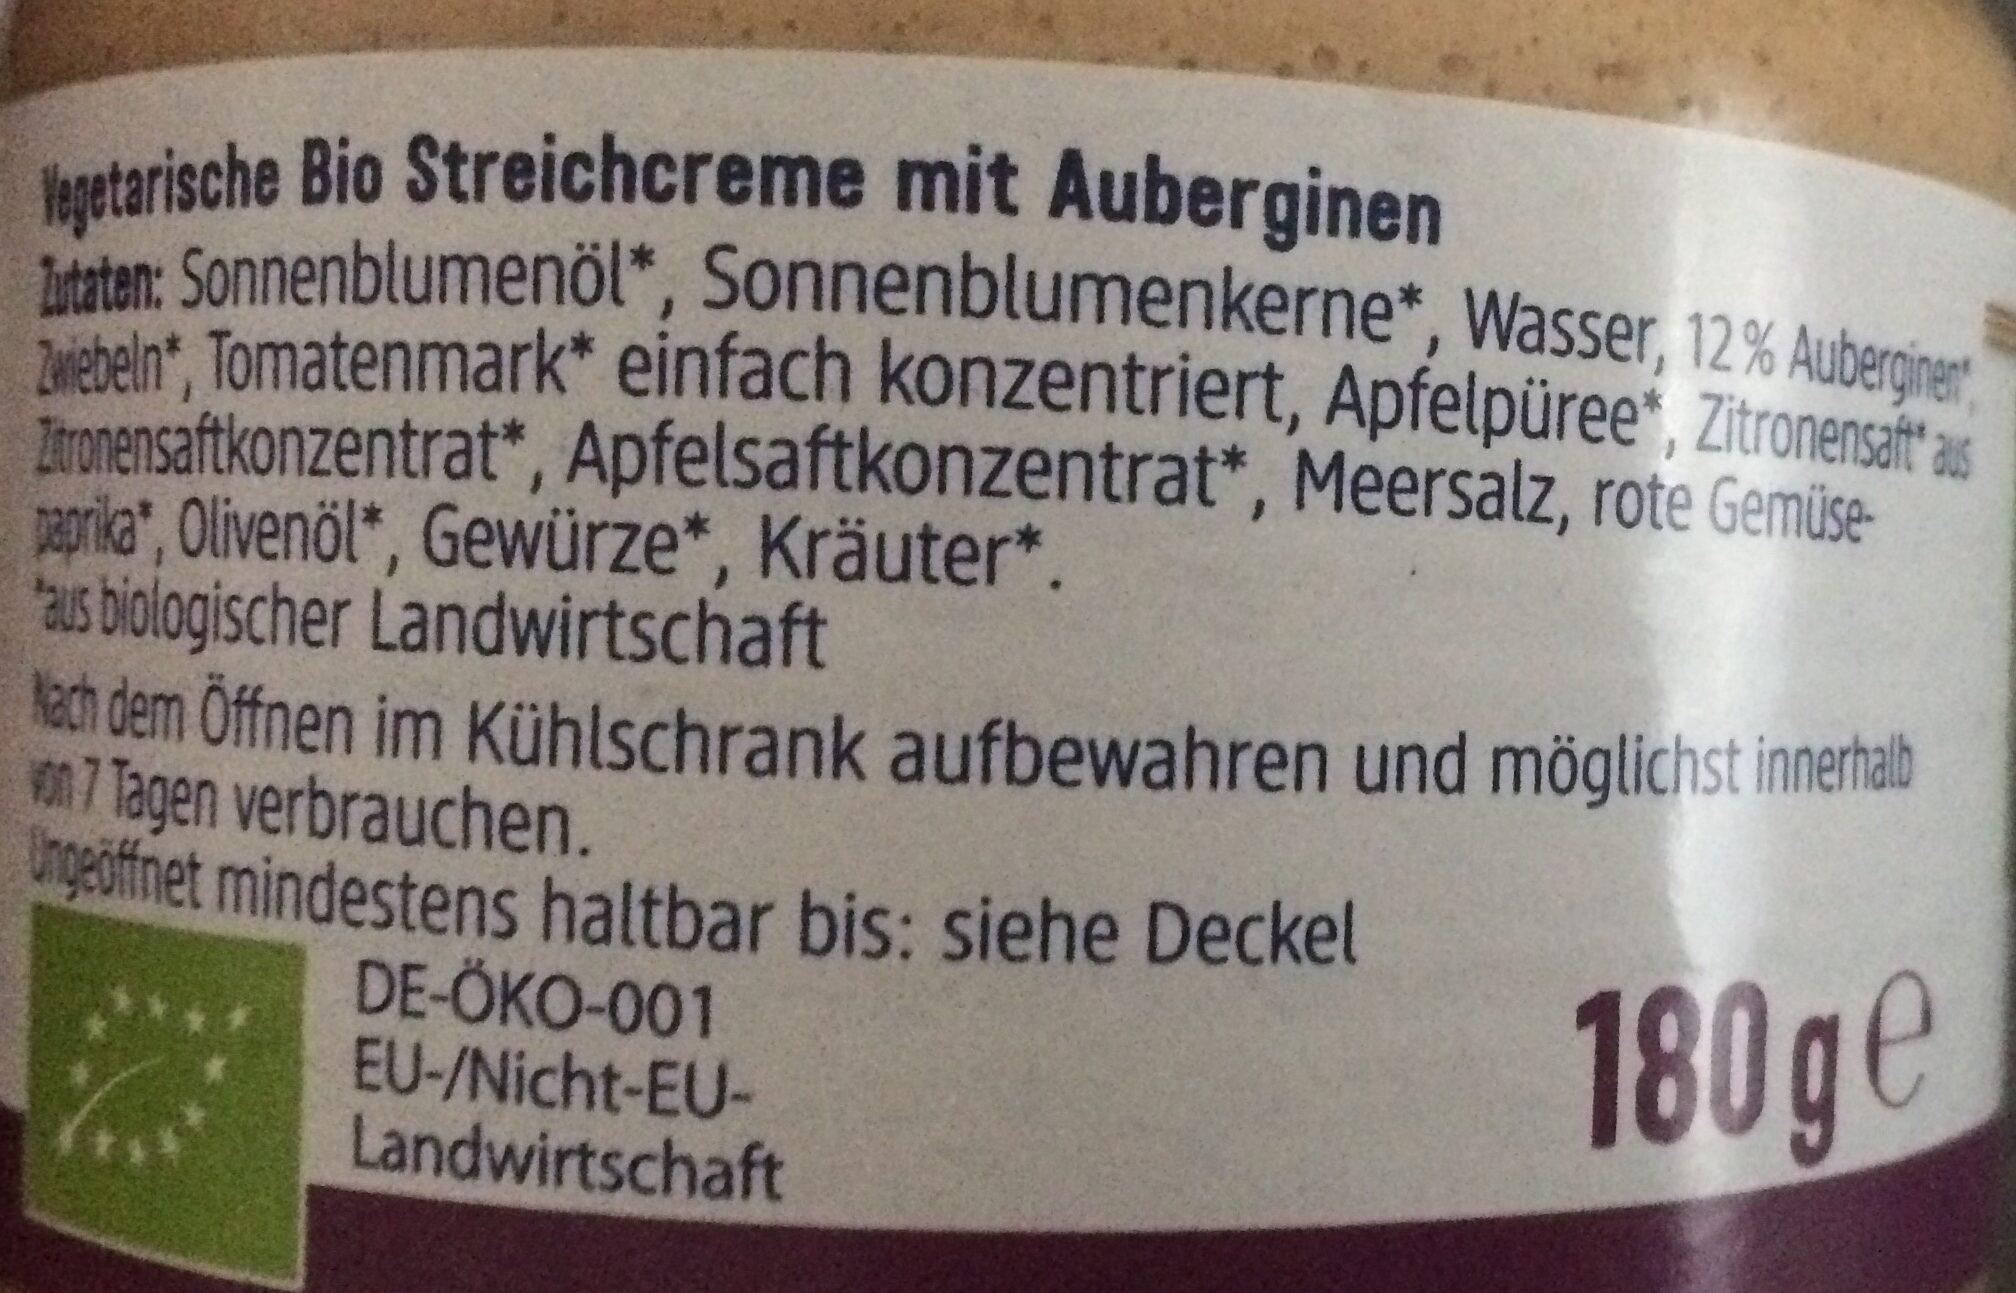 Streichcreme Aubergine - Ingredients